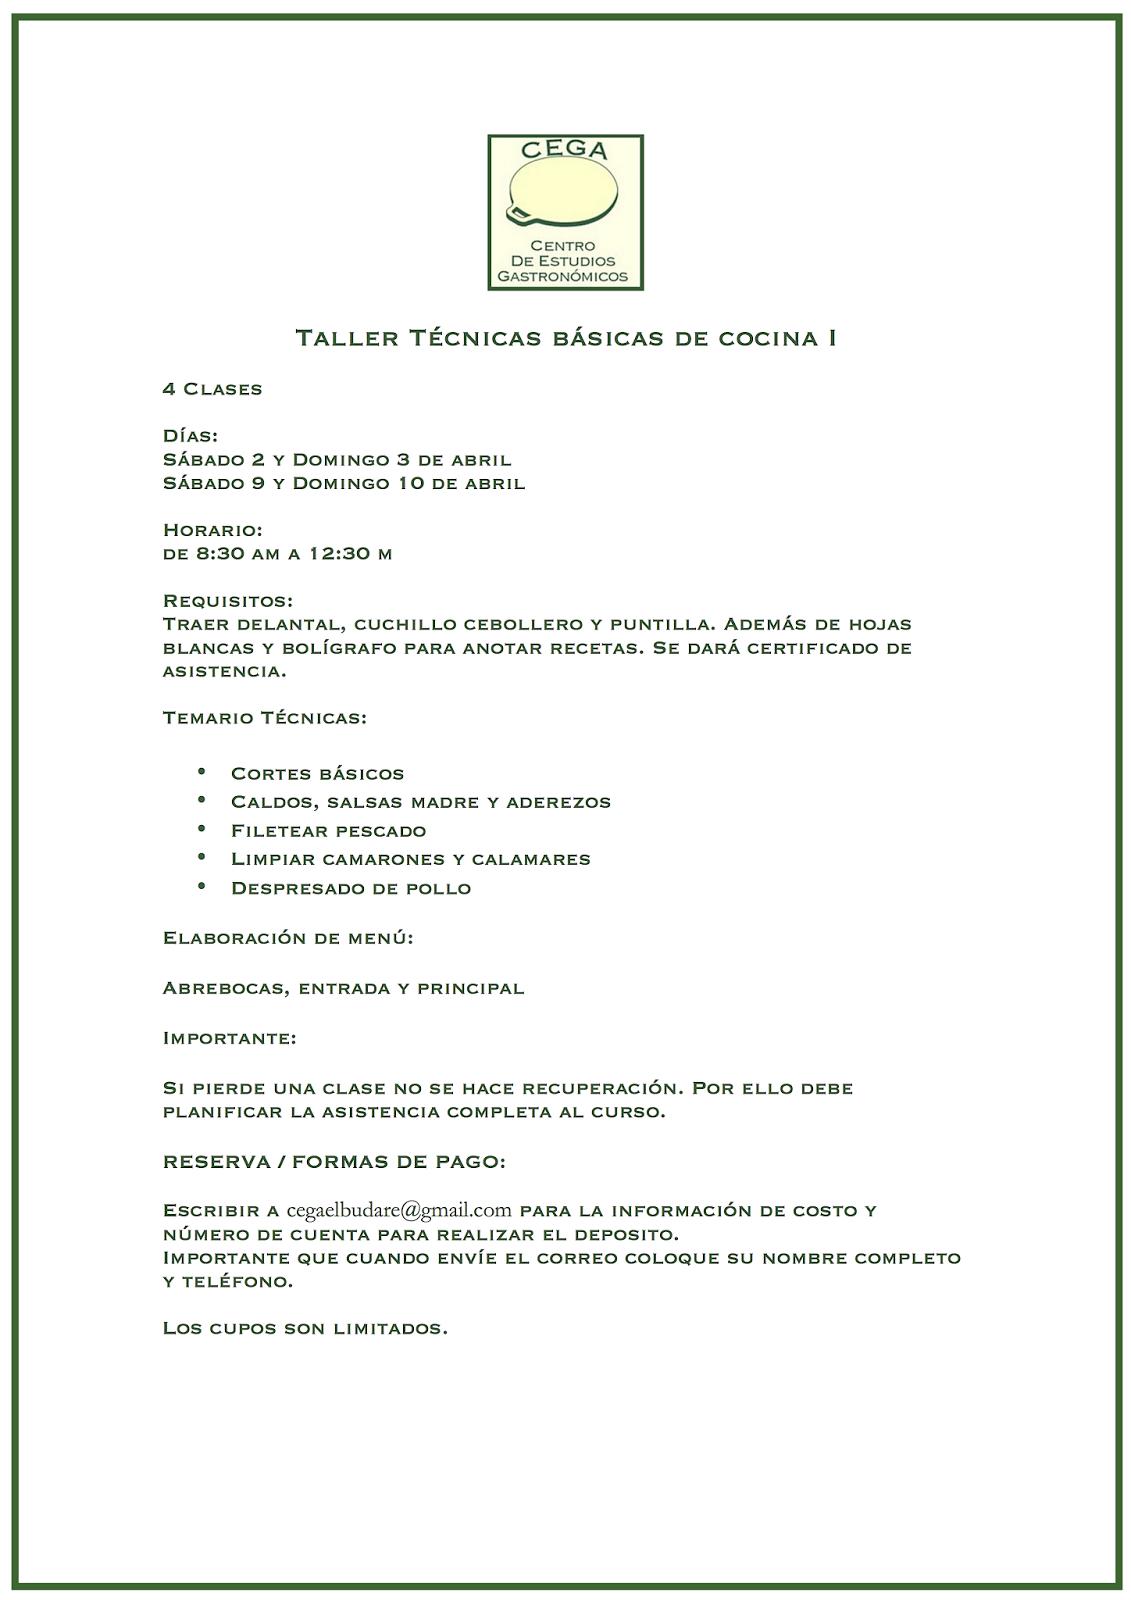 El budare del cega nuevos talleres cega de t cnicas - Tecnicas basicas de cocina ...